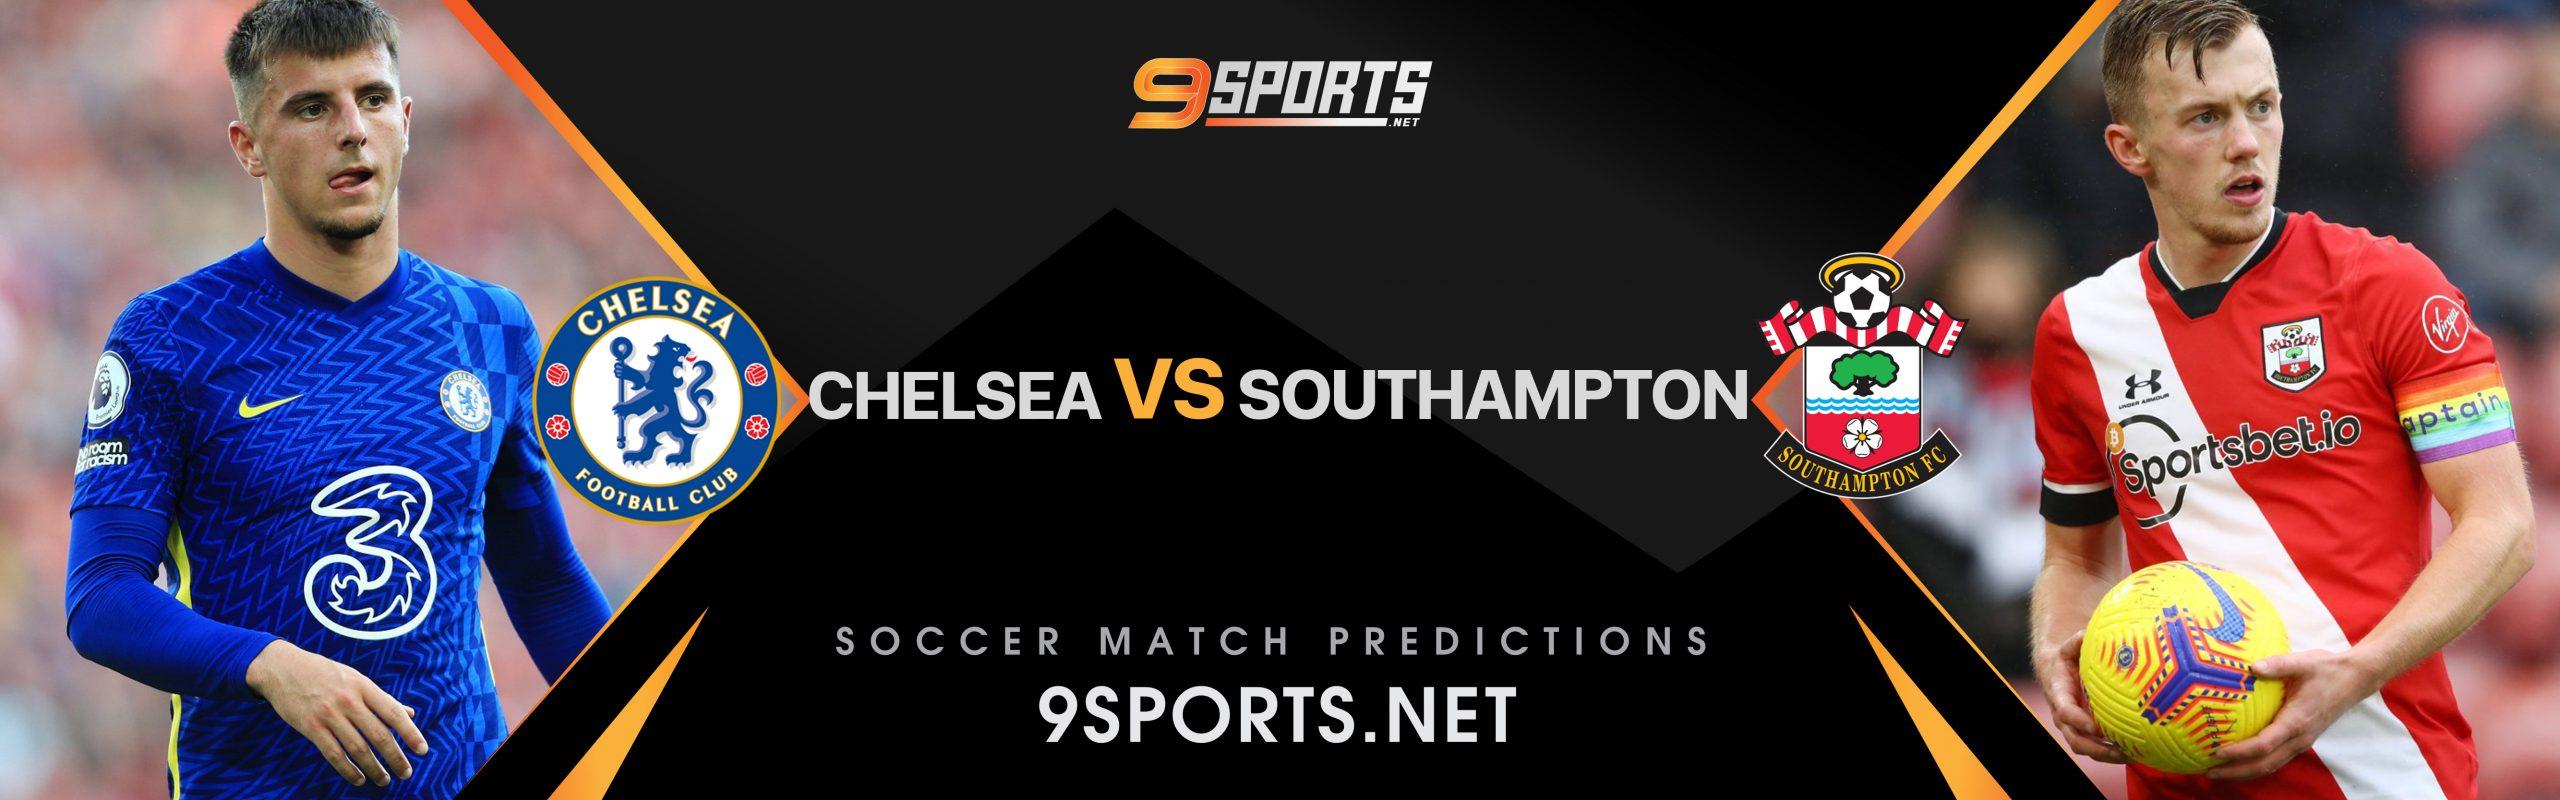 ทีเด็ดวิเคราะห์บอล 9Sports Premier League เชลซี VS เซาแธมป์ตัน